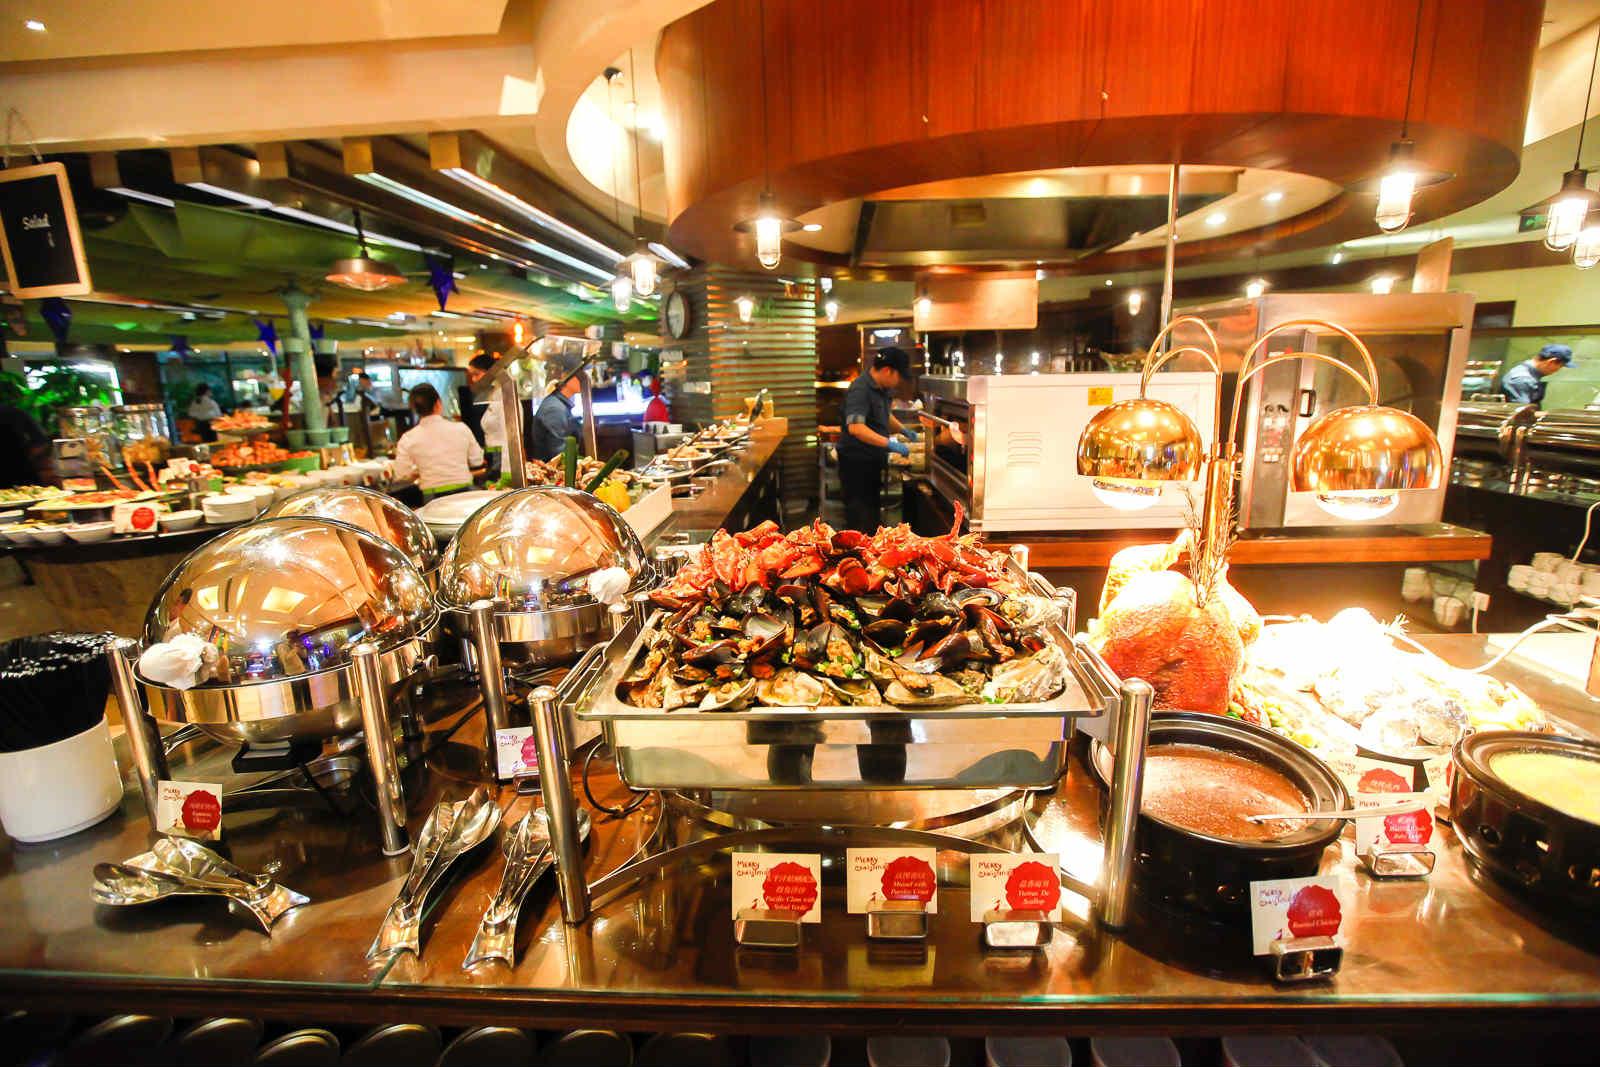 成都 旅居资讯  每周一至周日,抢购【凯宾斯基怡时自助餐厅】晚餐自助图片